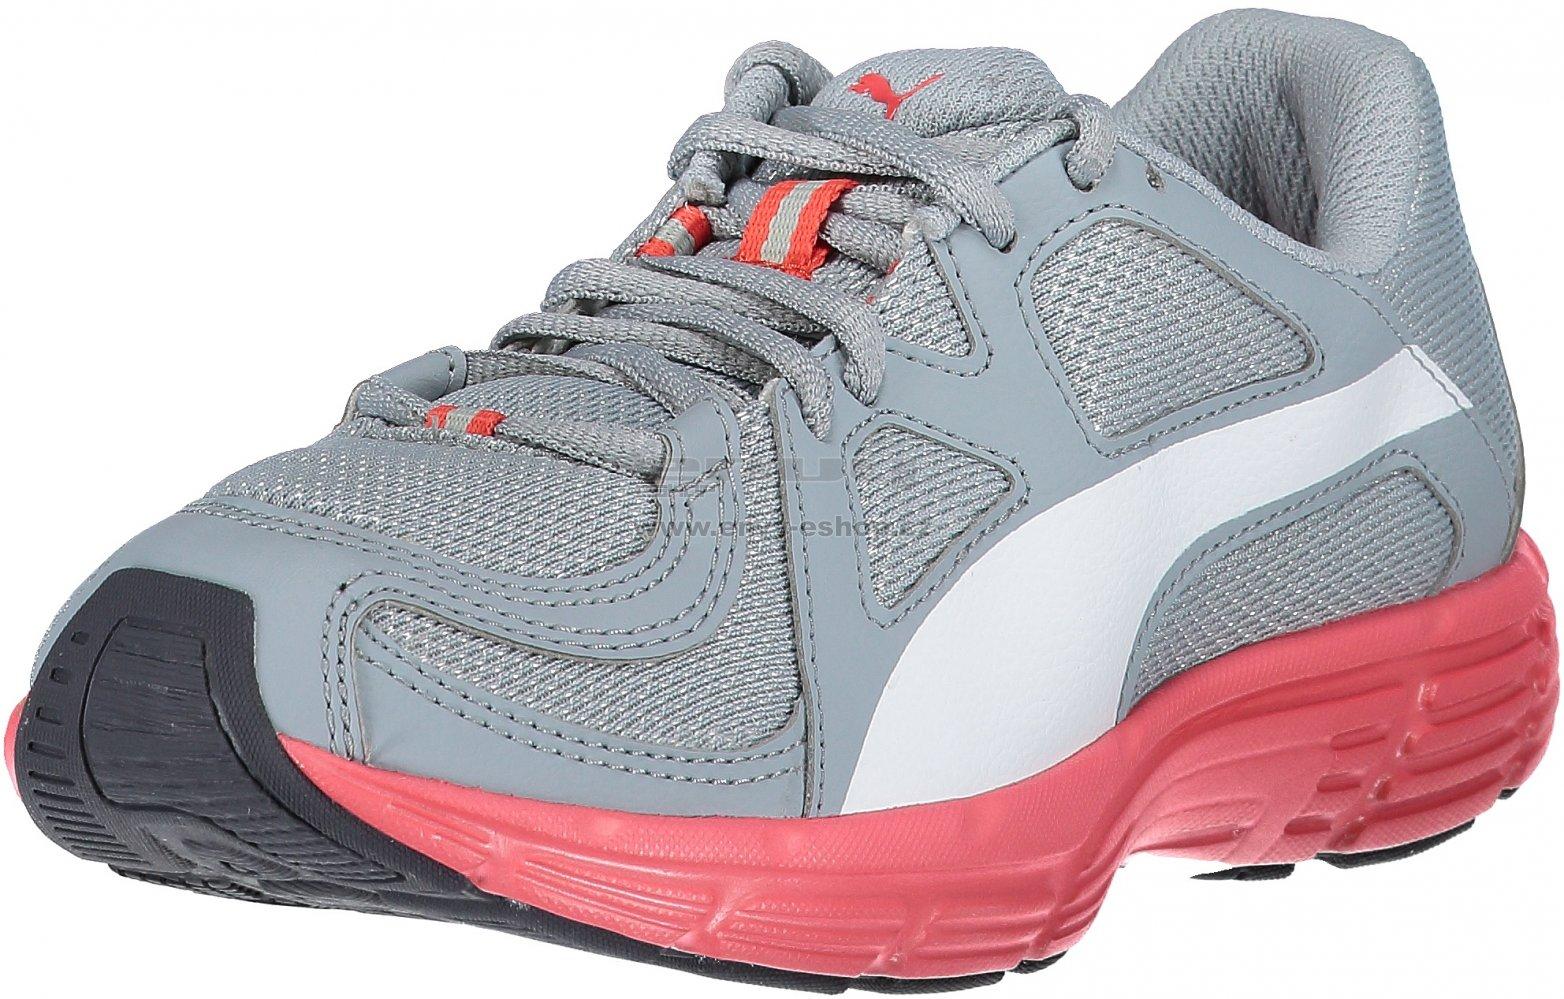 4c8438905 Dámská běžecká obuv PUMA AXIS V3 MESH 35772709 ŠEDÁ velikost: 35,5 ...